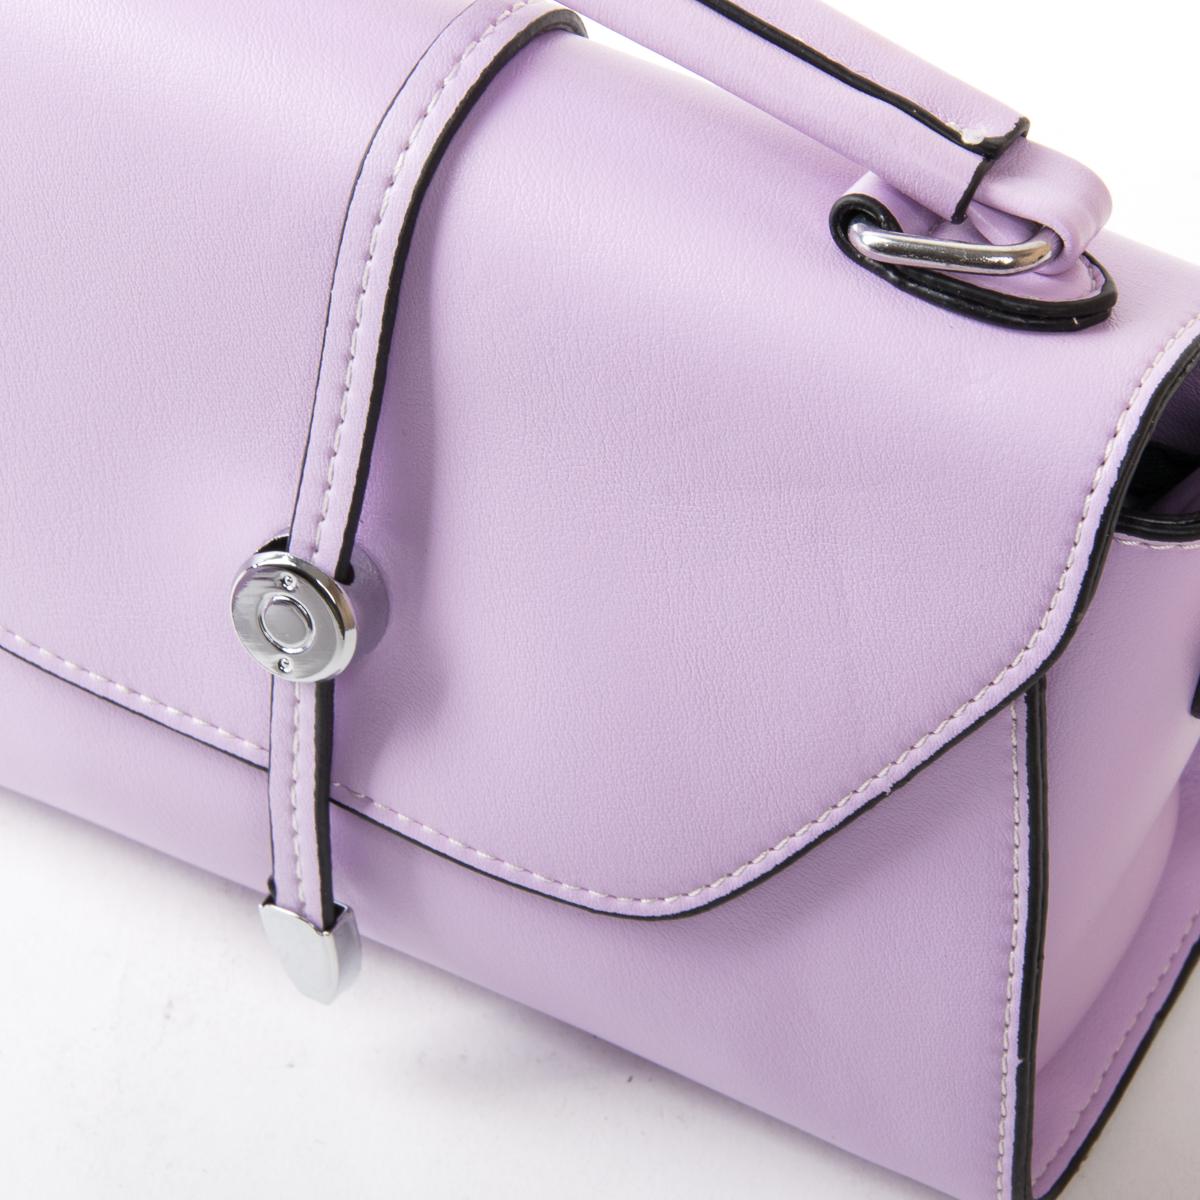 Сумка Женская Классическая иск-кожа FASHION 01-00 9908 purple - фото 3